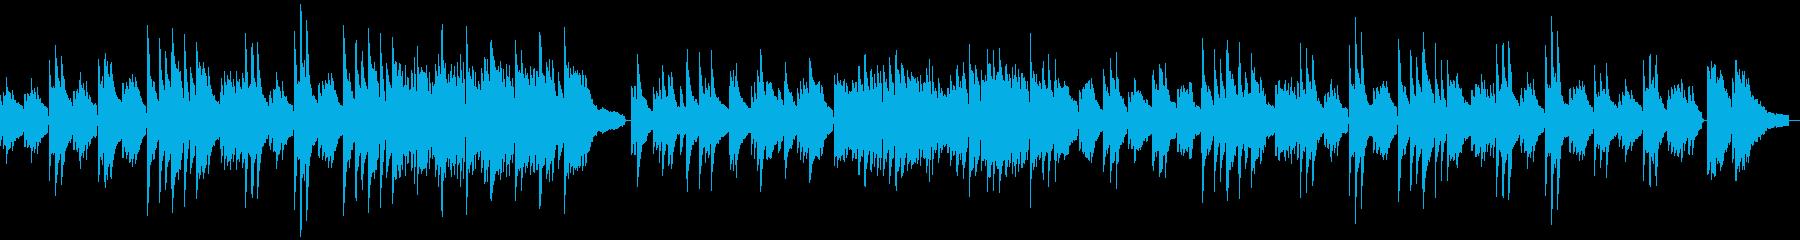 なつかしさを感じるようなソロピアノの再生済みの波形